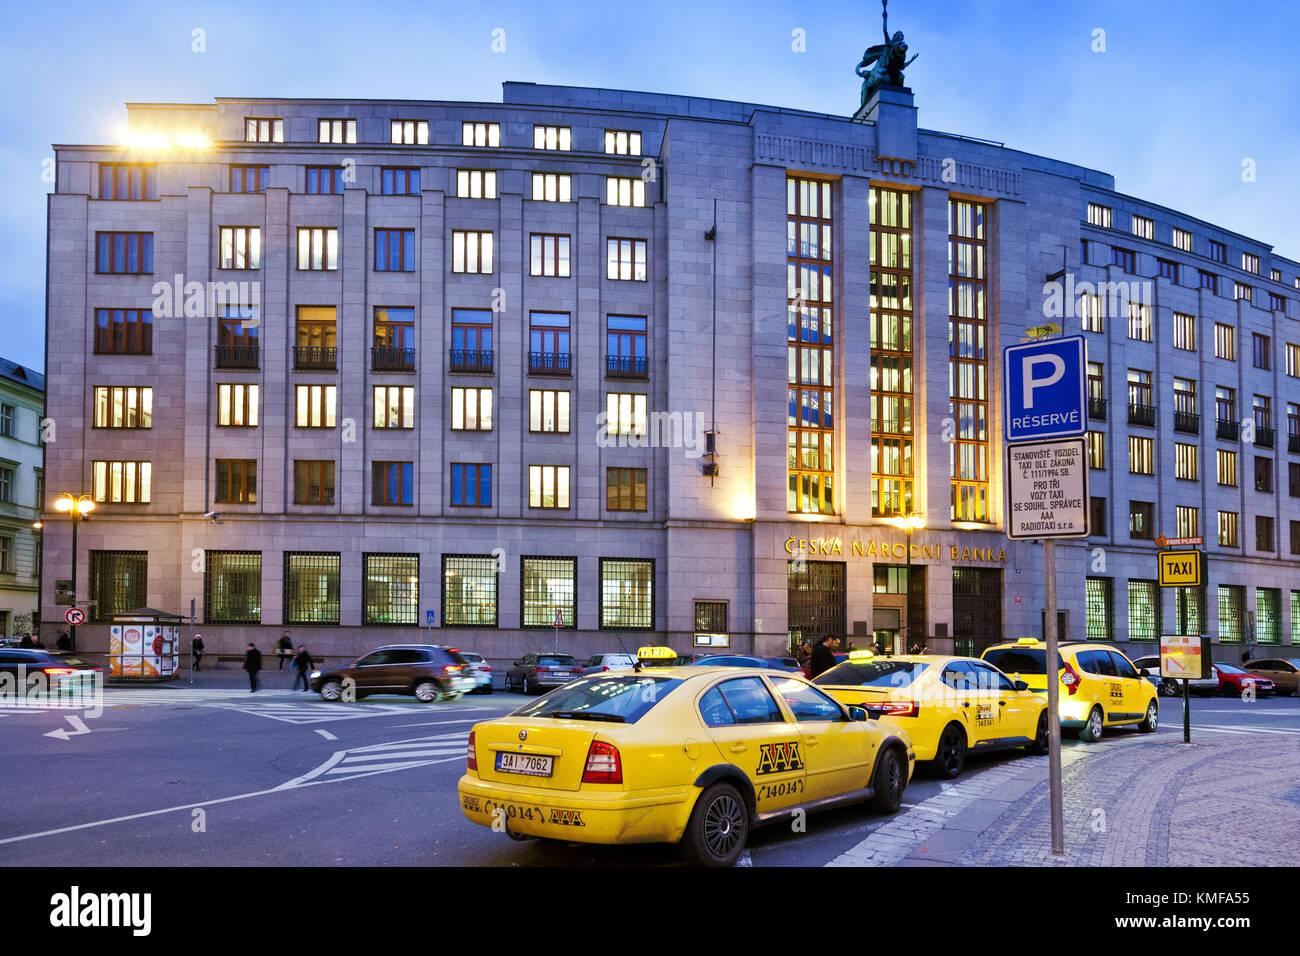 Čnb - Česká národní banka, Namesti republiky, Stare Mesto, Praha, ceska republika / cnb - Banco nacional checo prikopy, Praga, República Checa Foto de stock